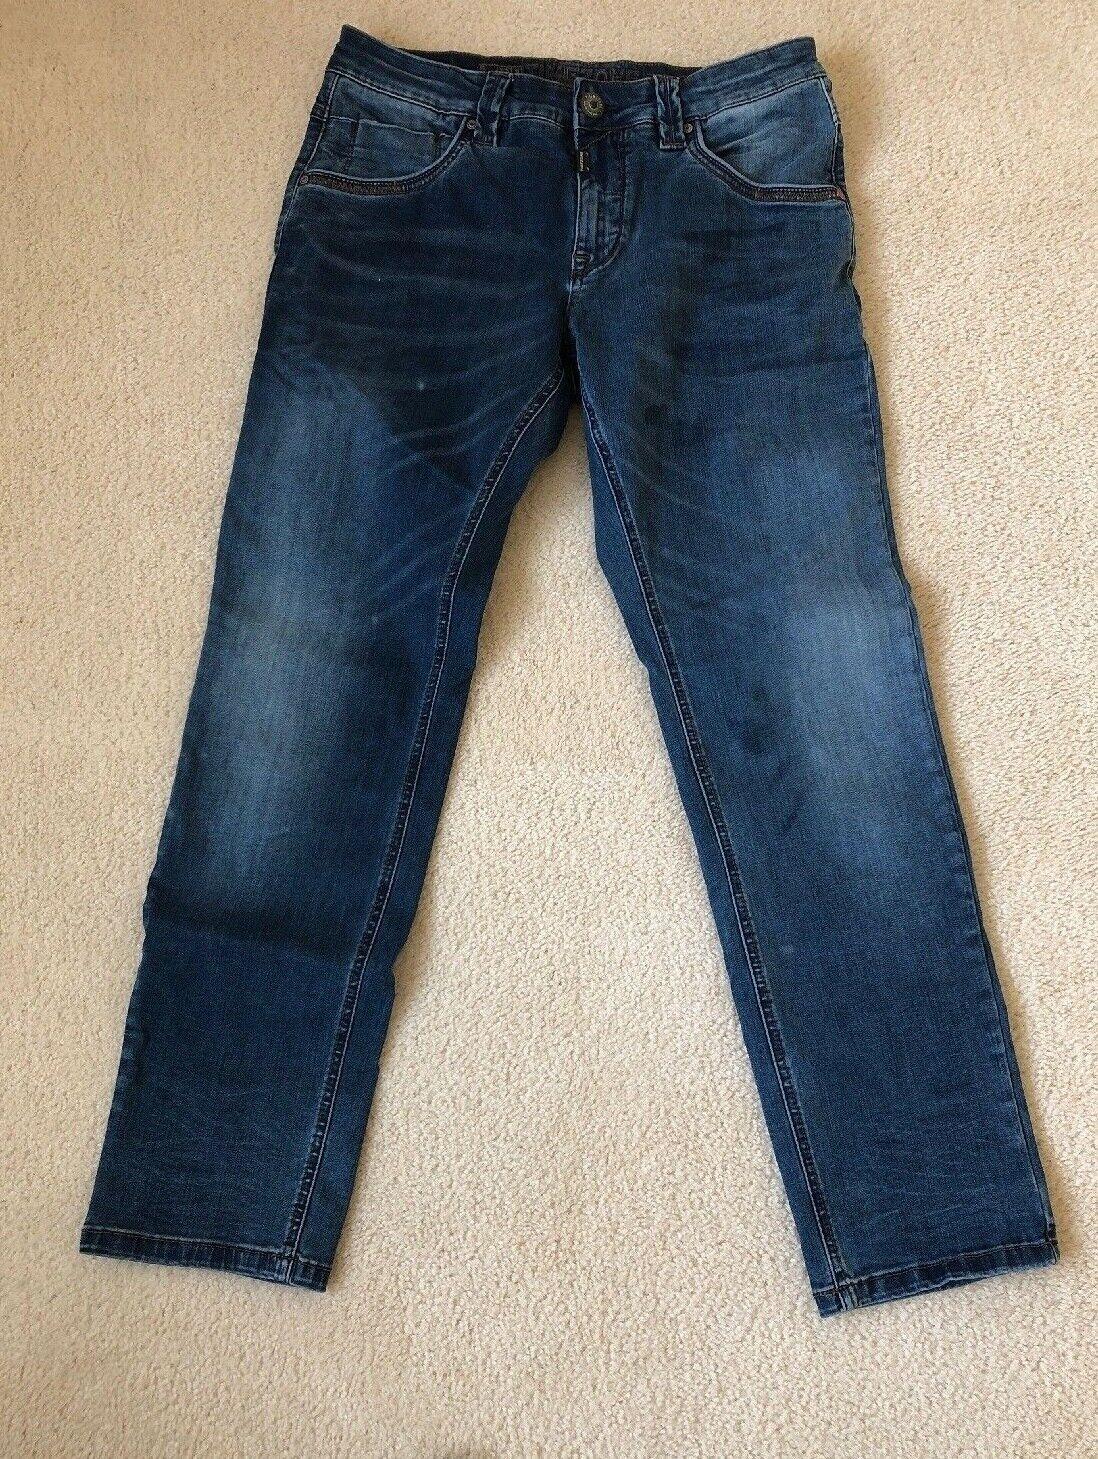 Timezone Eduardo TZ zip men's Jeans  Fit 32W 32L - Pre-Owned